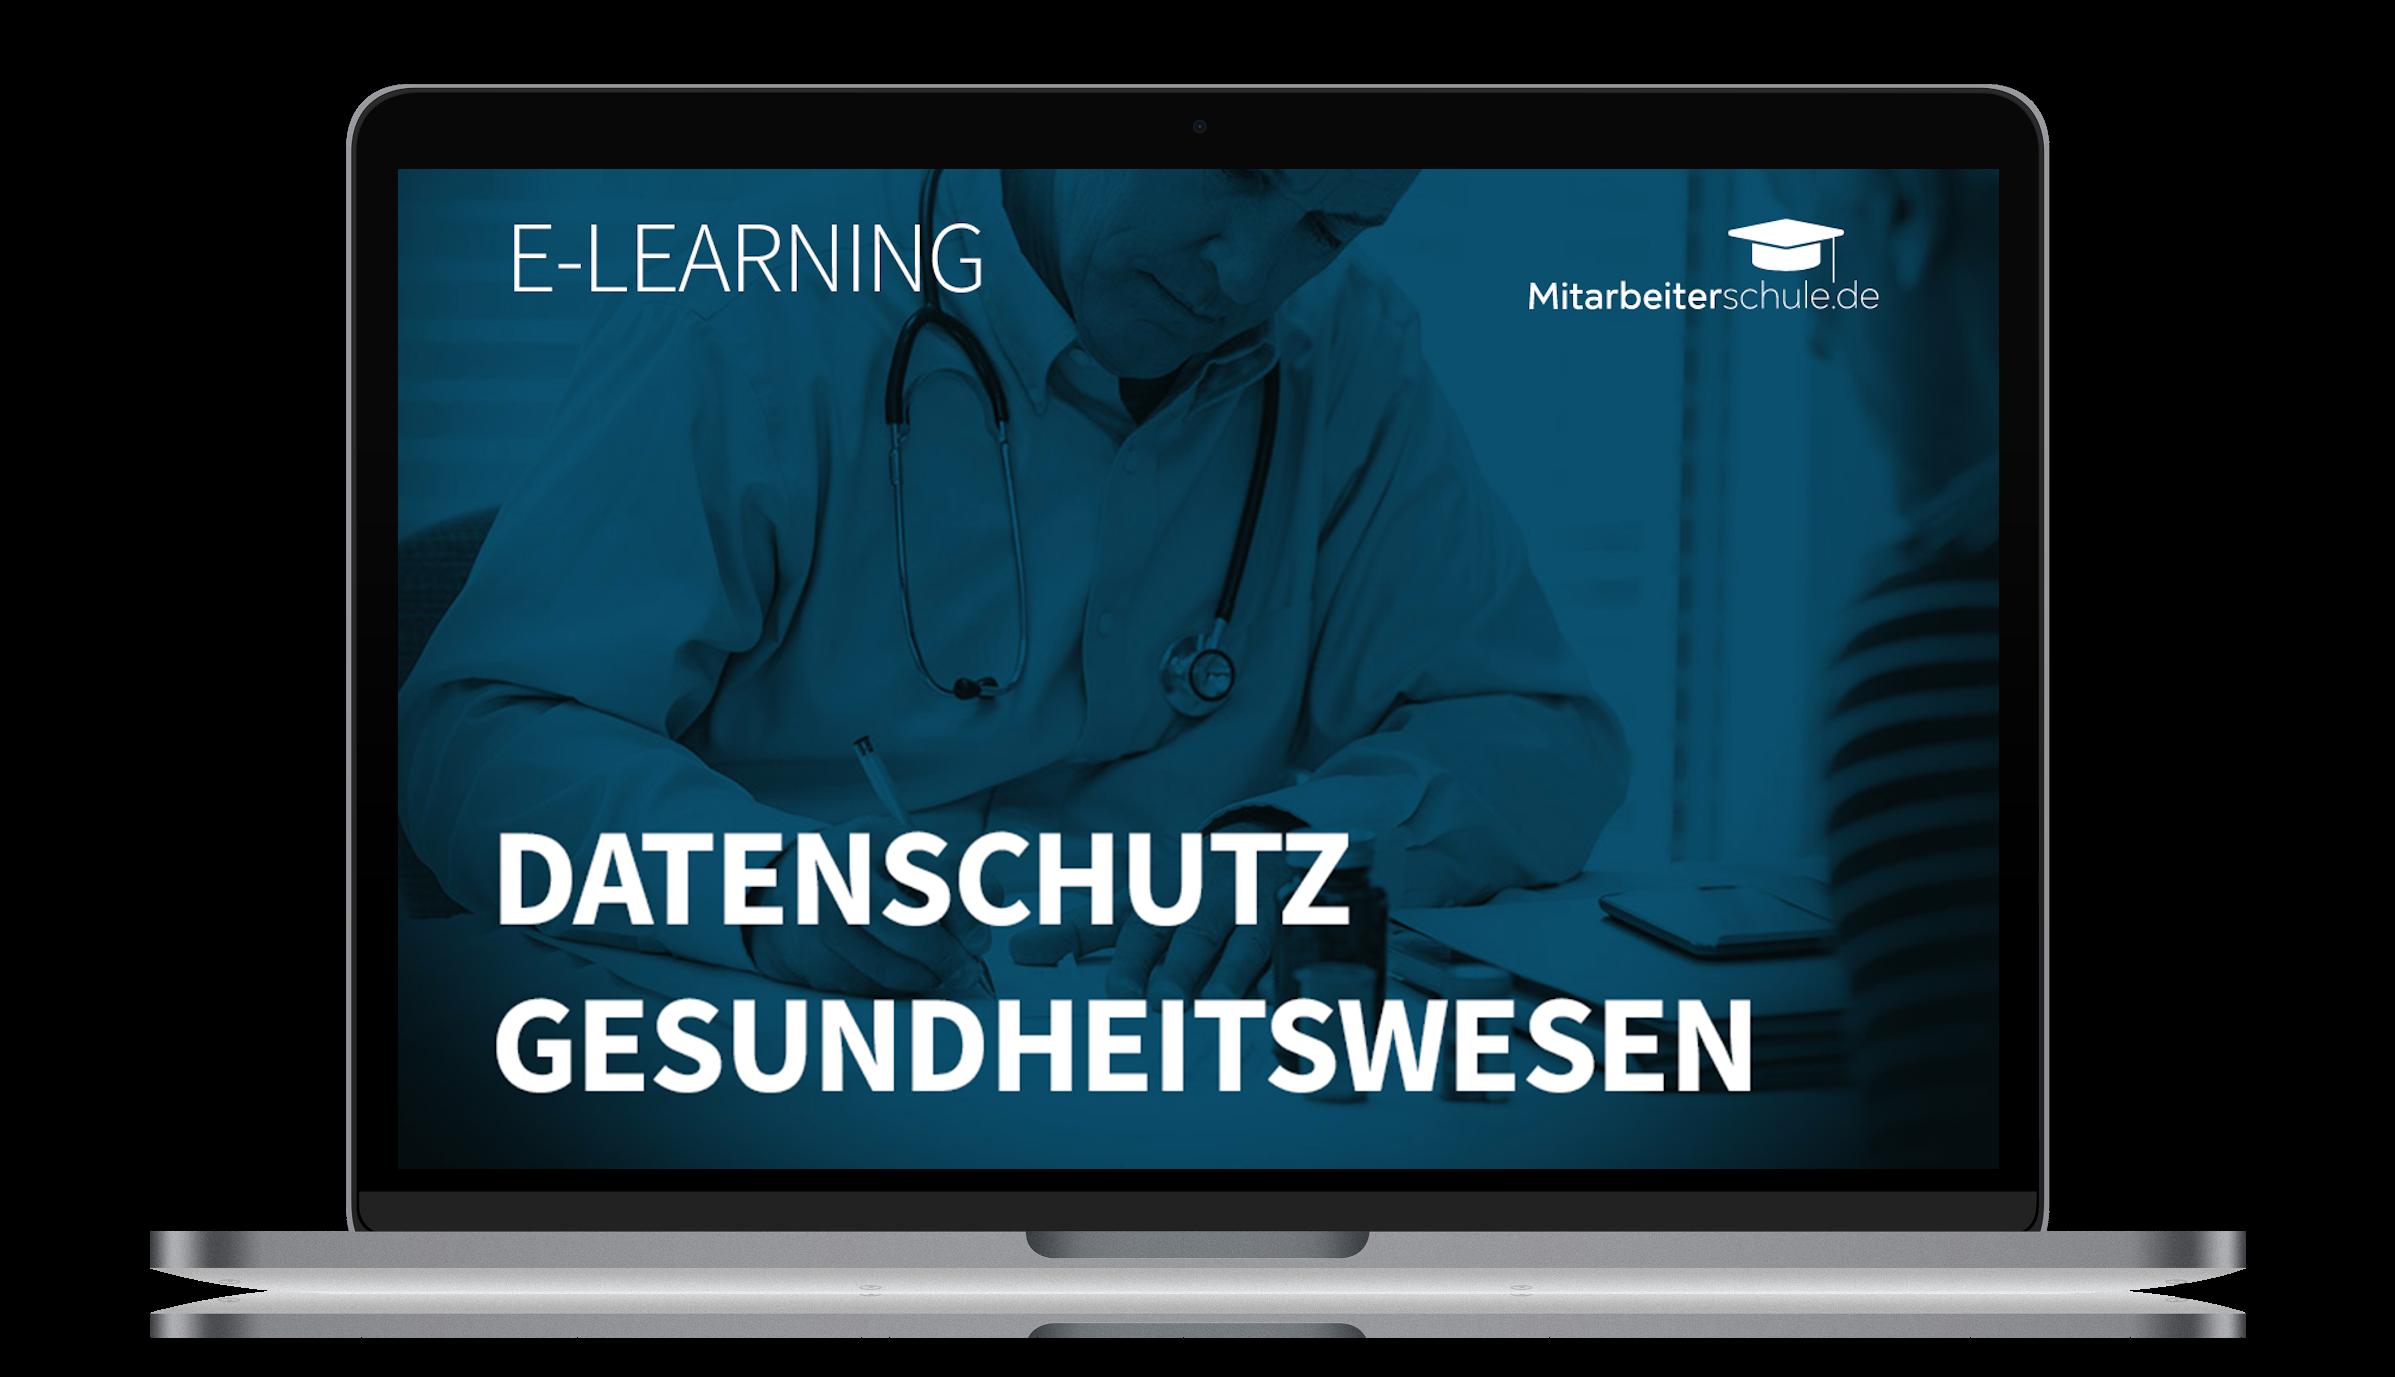 Datenschutz-Gesundheitswesen-Kurs